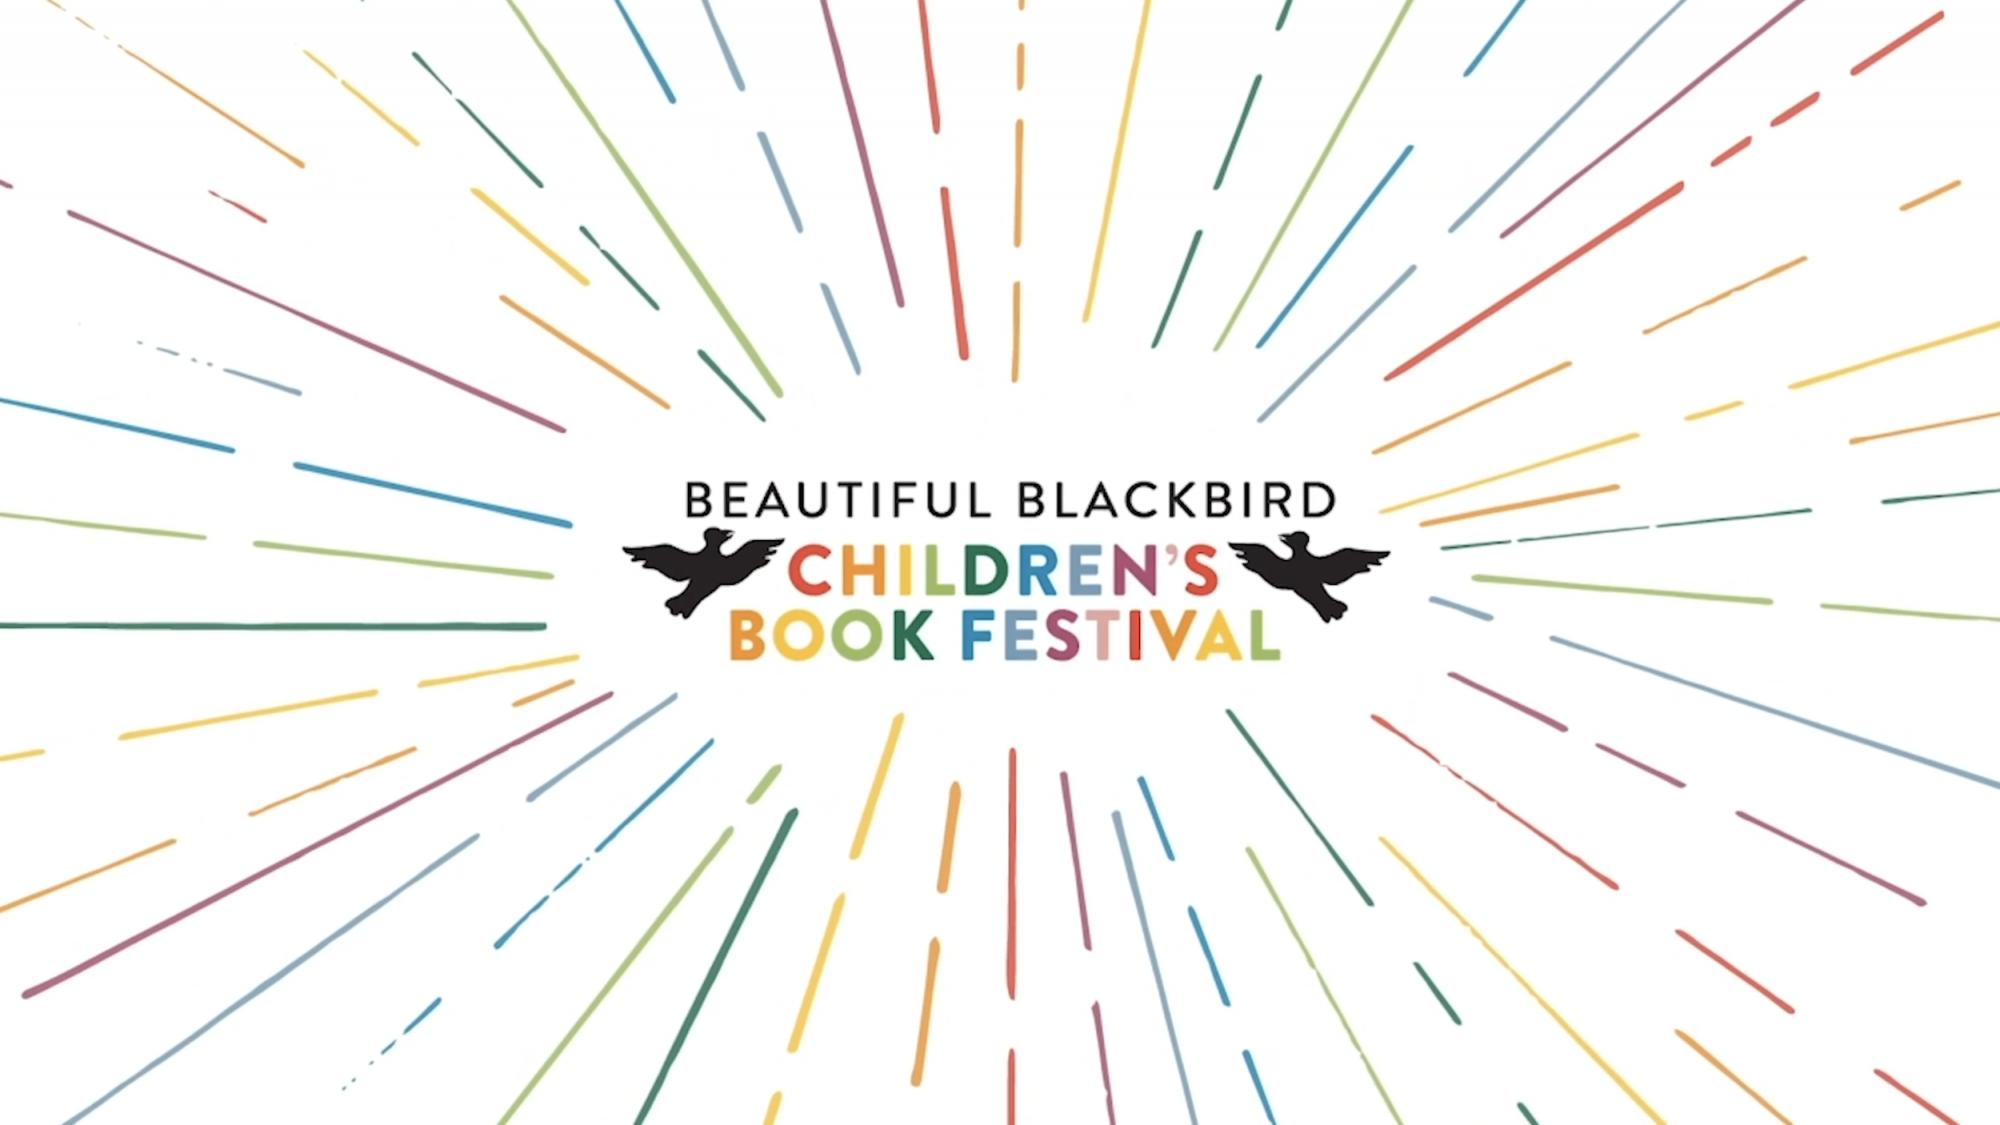 Beautiful Blackbird Children's Book Festival 2021